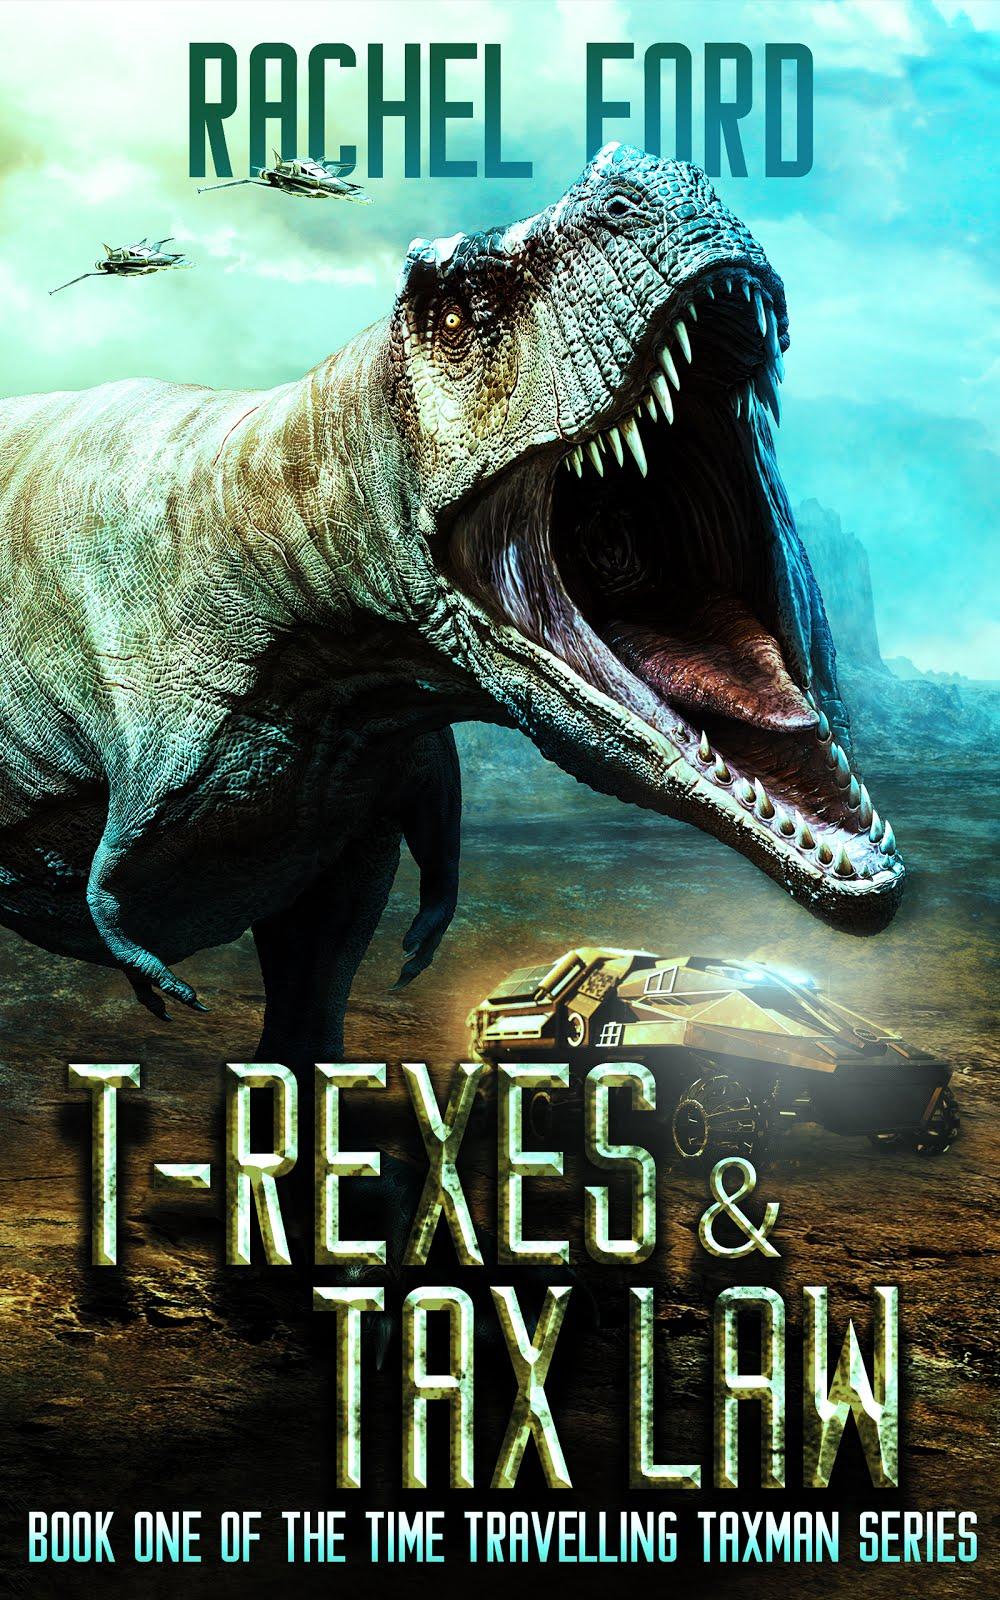 T-Rexes & Tax Law